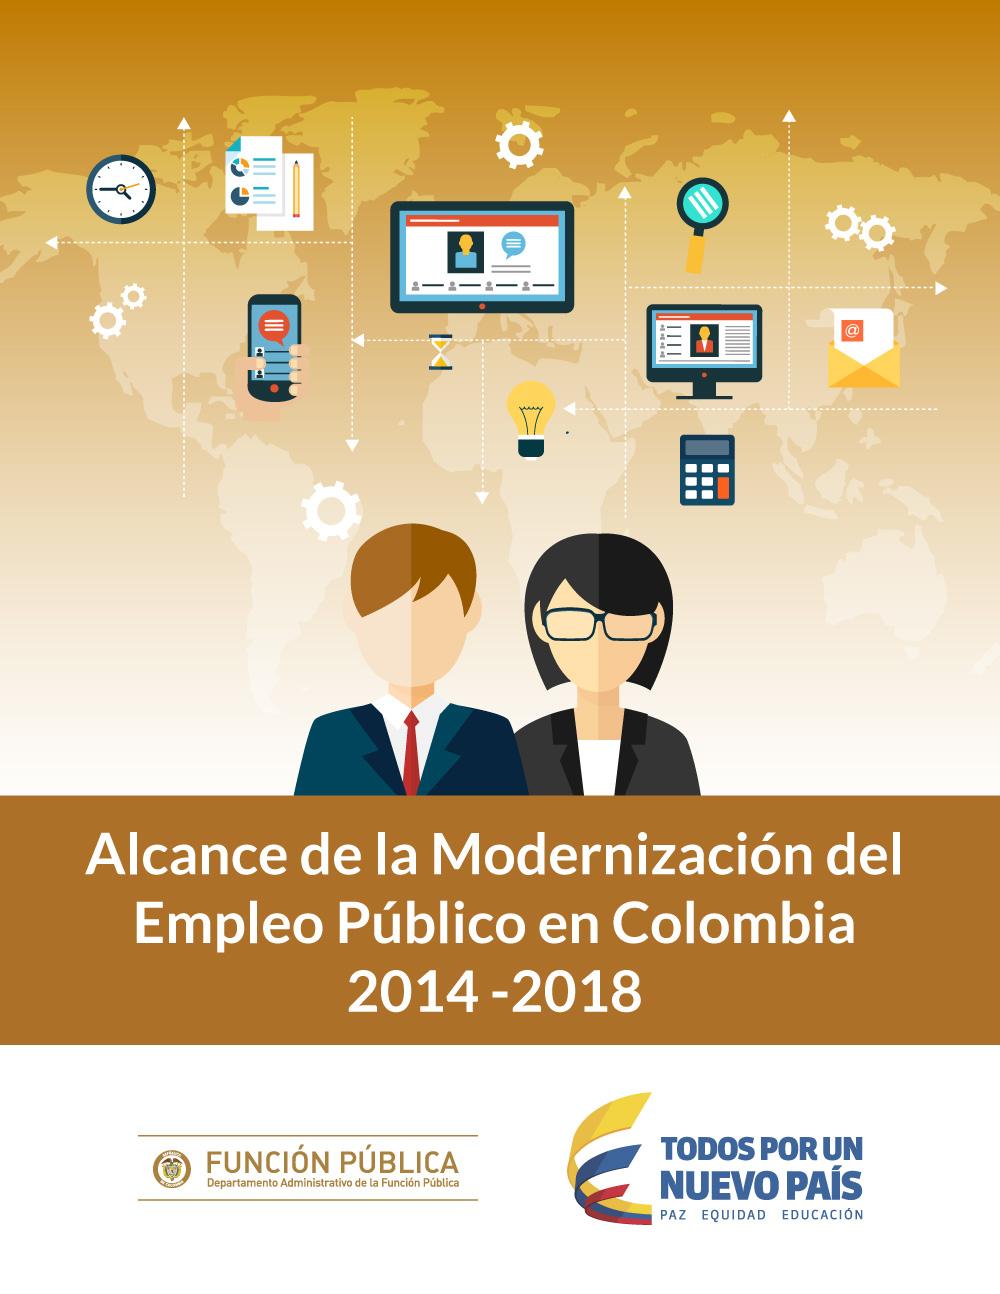 Alcance de la Modernización del Empleo Público en Colombia. 2014 -2018